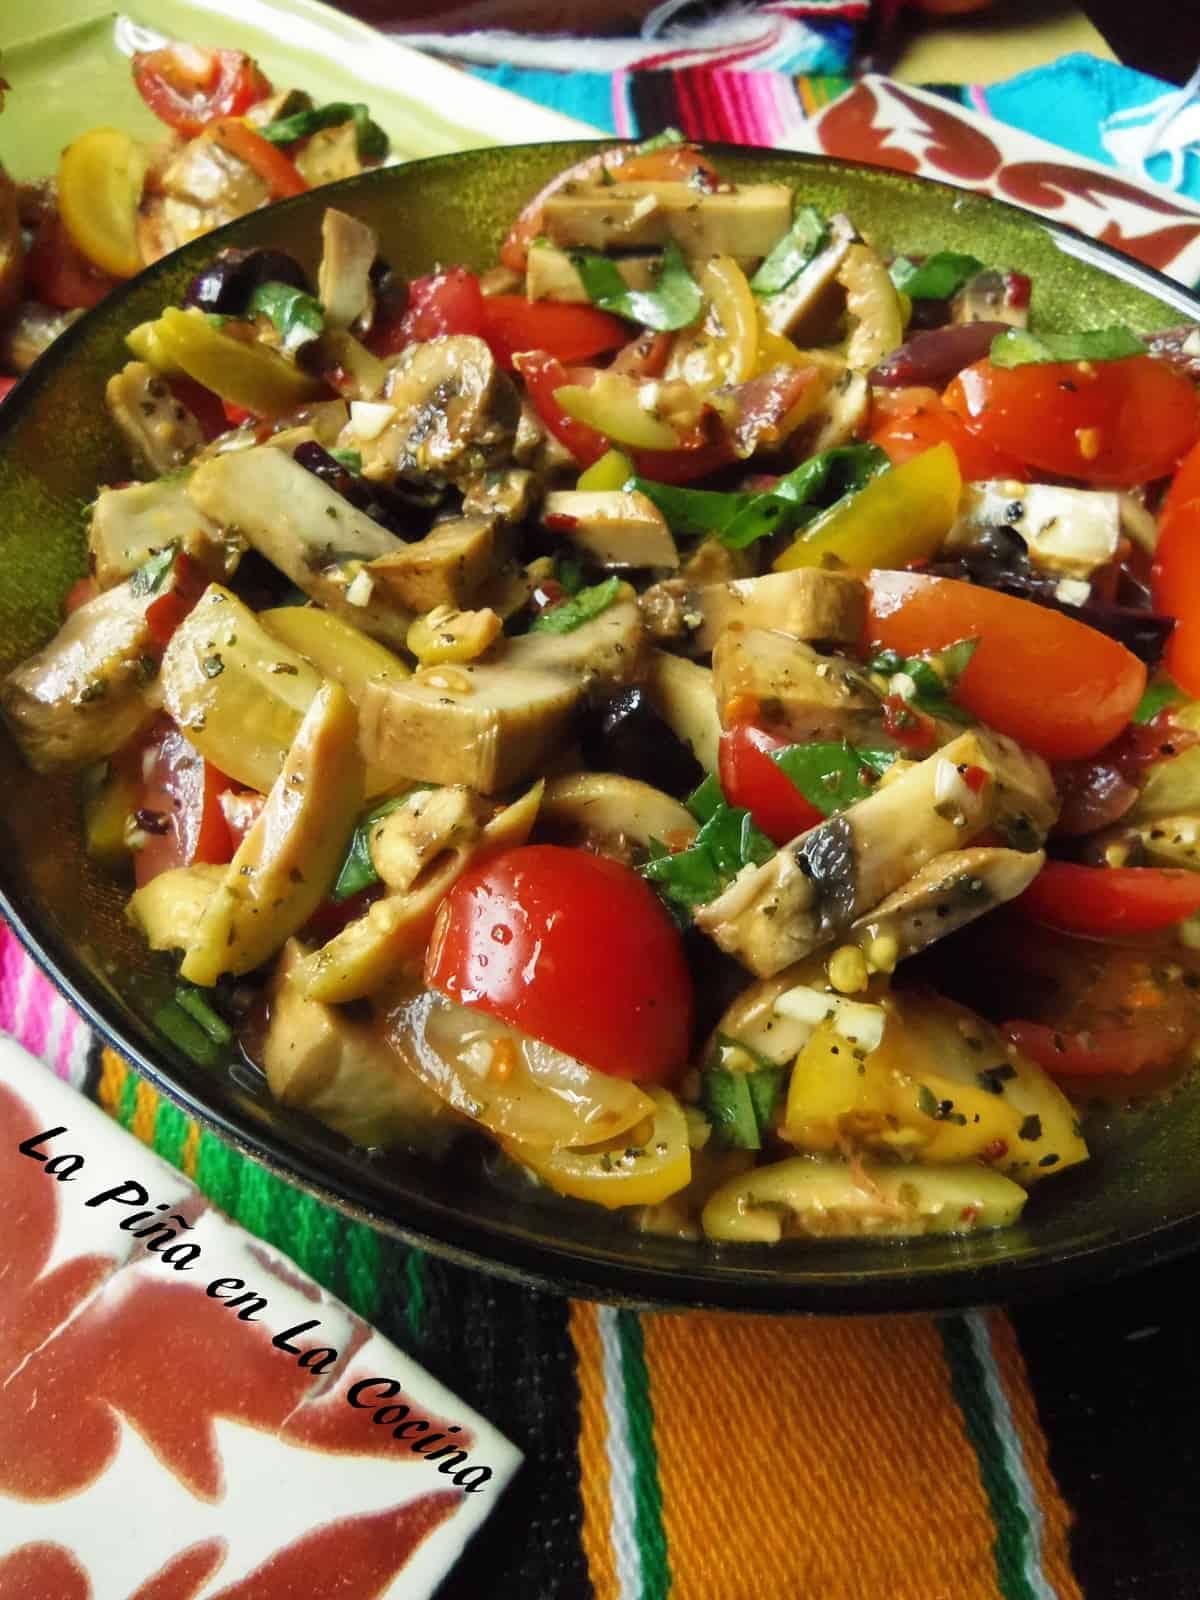 Tomato Basil Bruschetta with Lemon Vinaigrette & Grilled Mushrooms